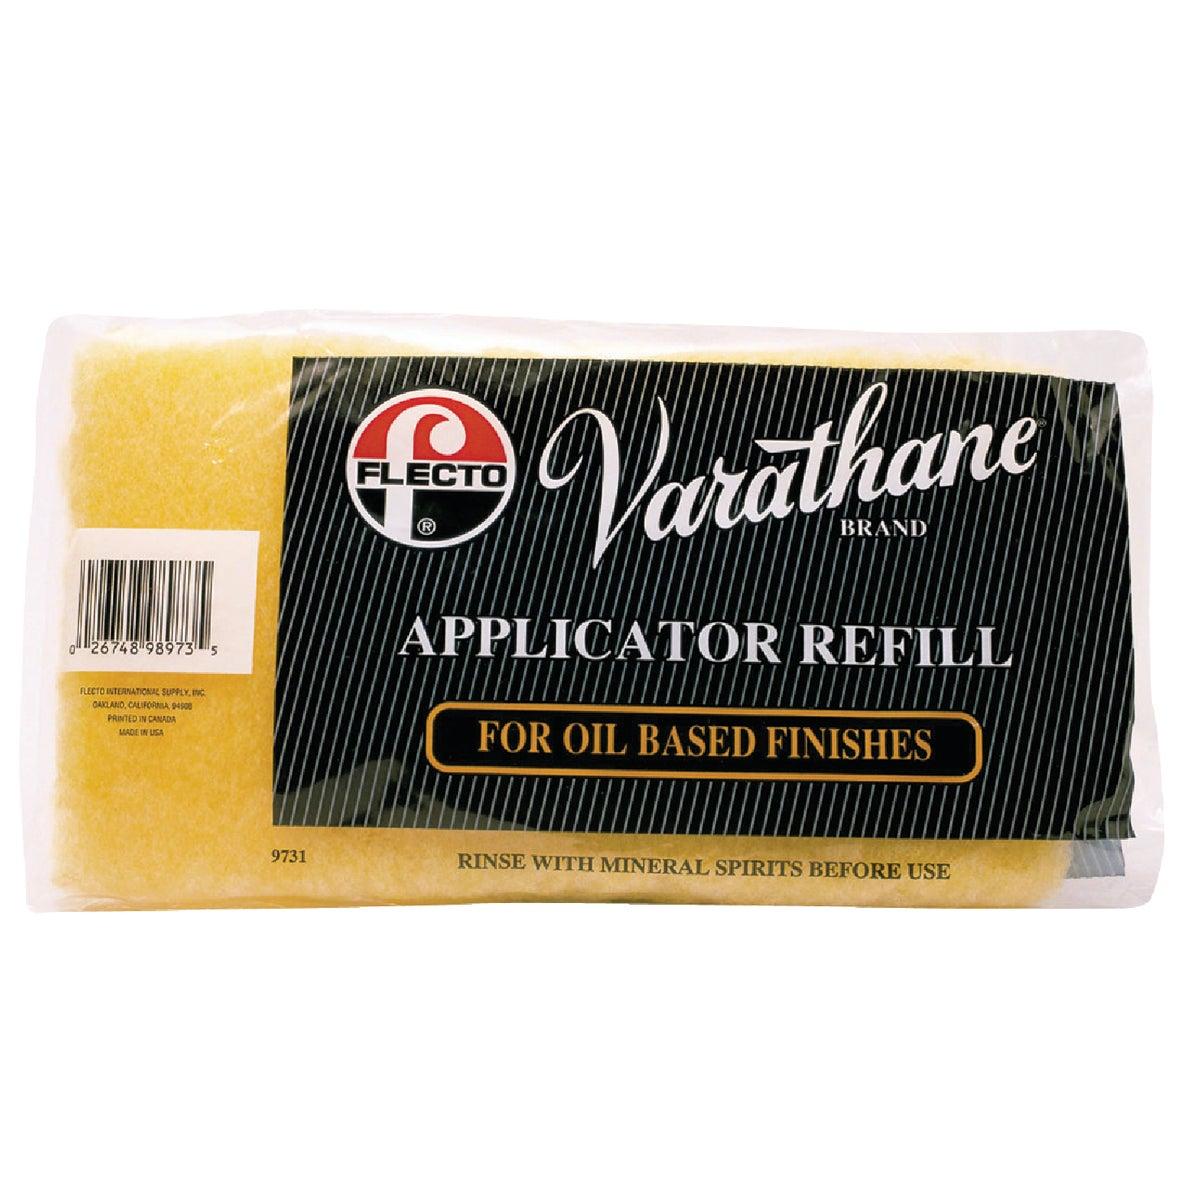 Applicator Refill, 989731